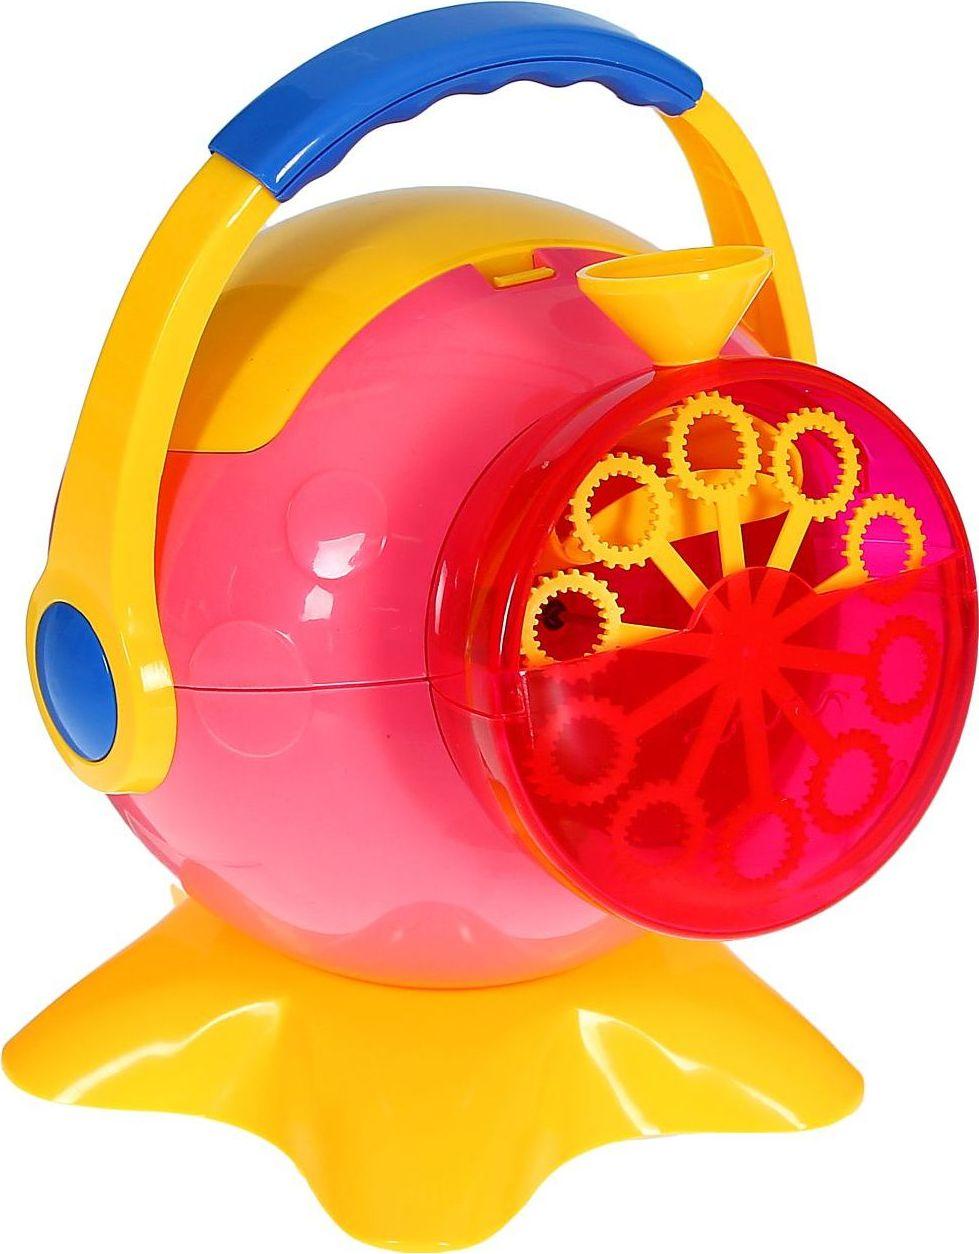 Sima-land Набор для пускания мыльных пузырей 1492643 - Мыльные пузыри